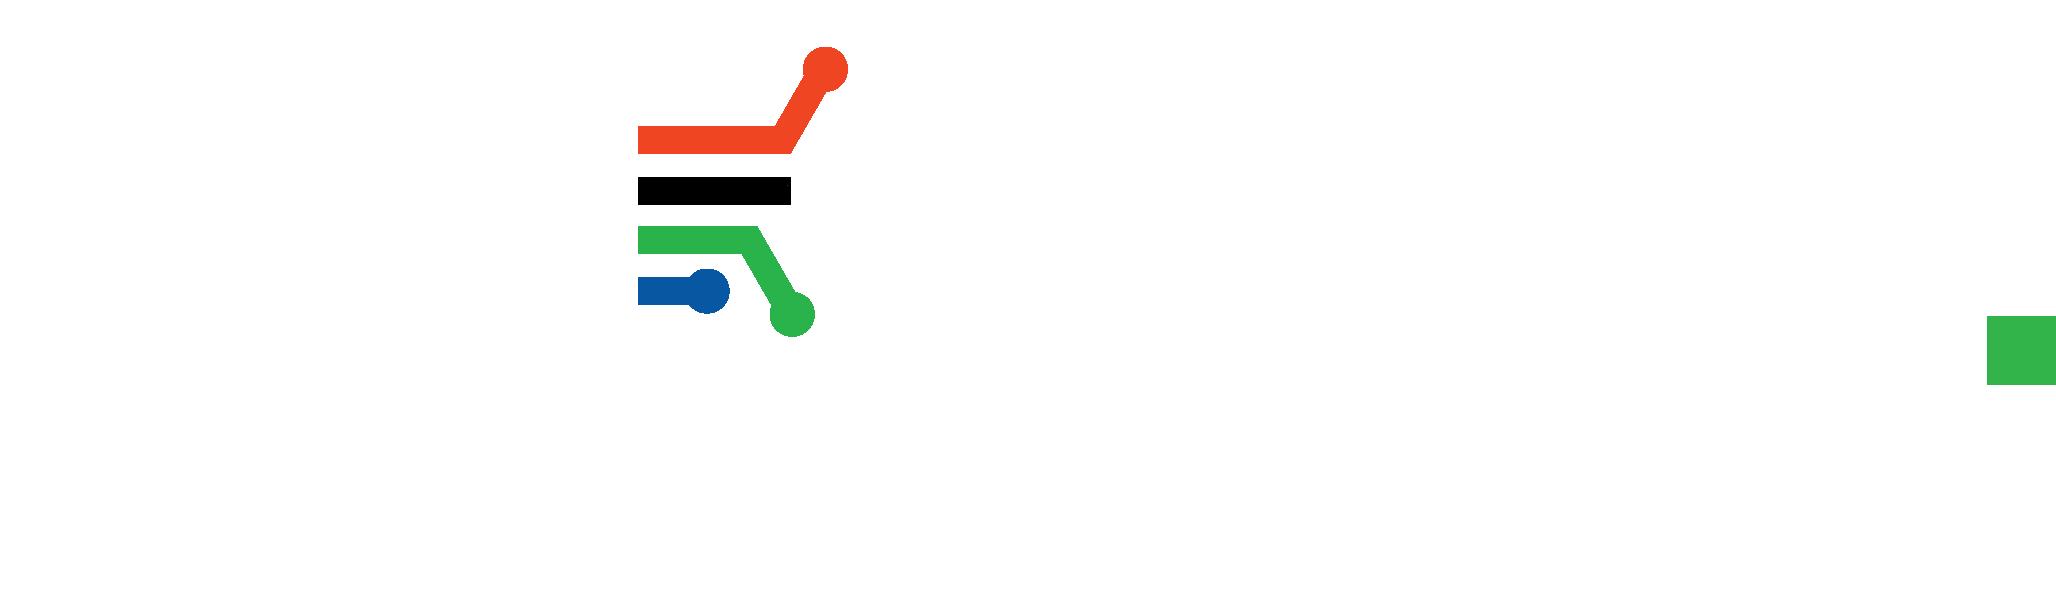 KI-AGIL